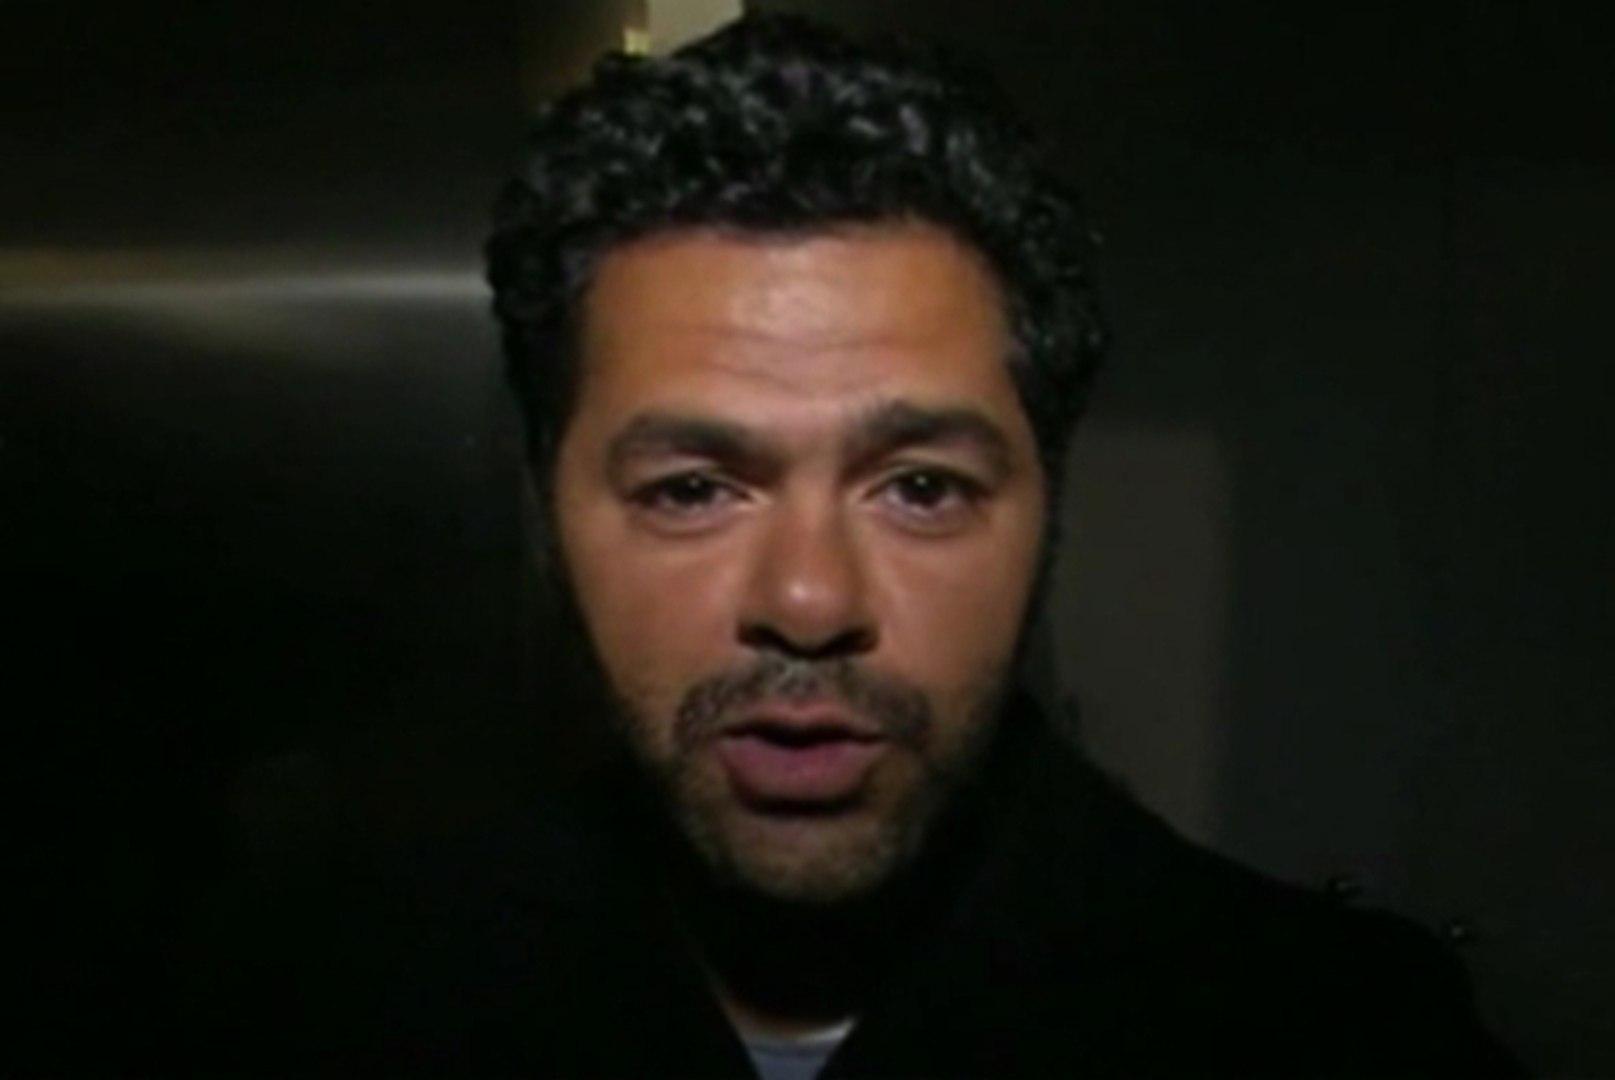 ZAPPING ACTU DU 06/11/2013 - Front National : Jamel Debbouze répond à Alain Delon